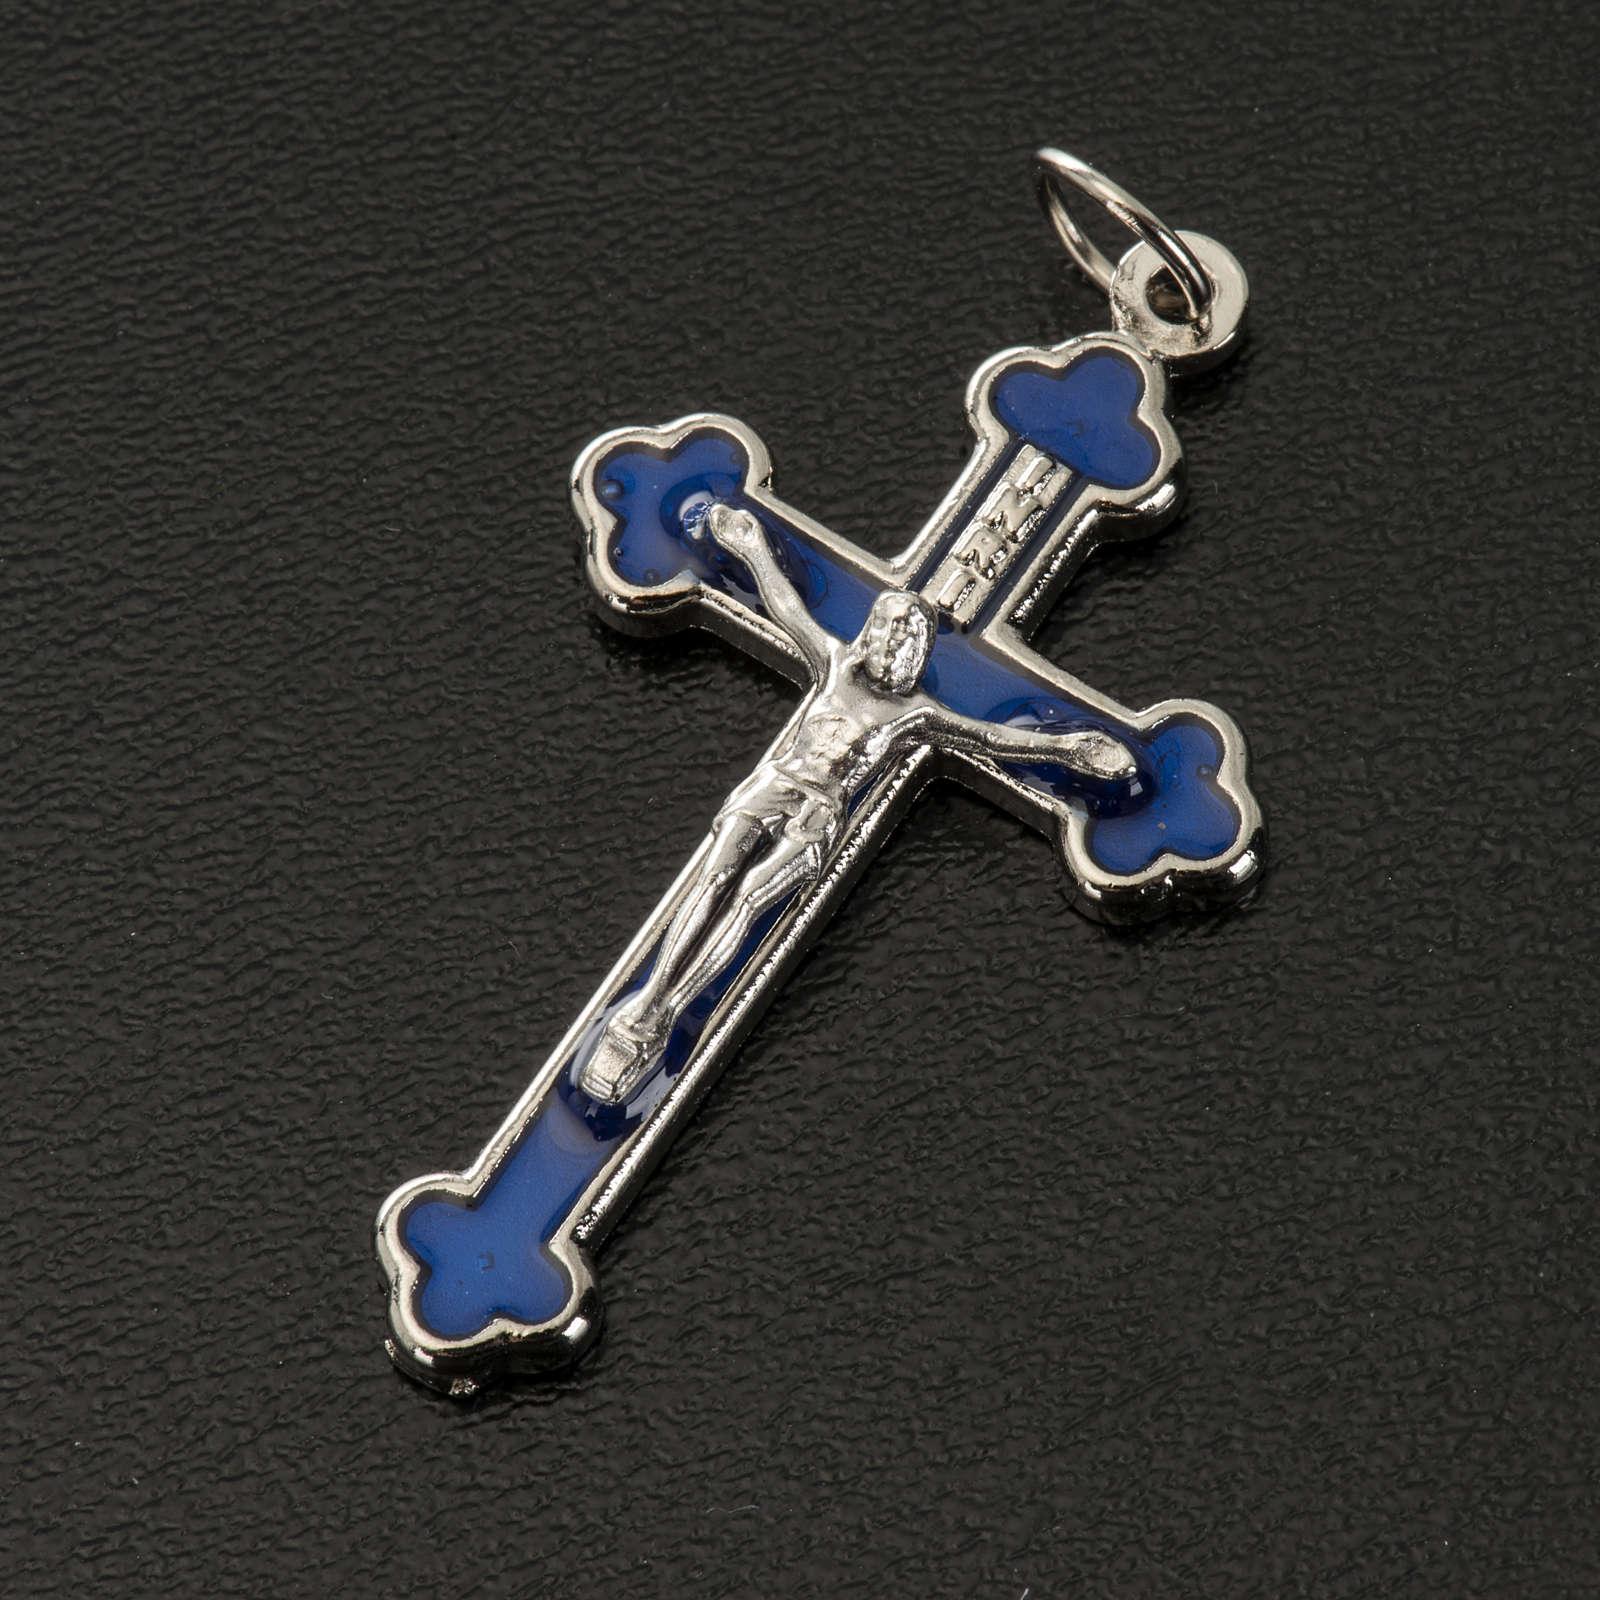 Croce rosari fai da te metallo argentato smalto blu h 3.6 cm 4